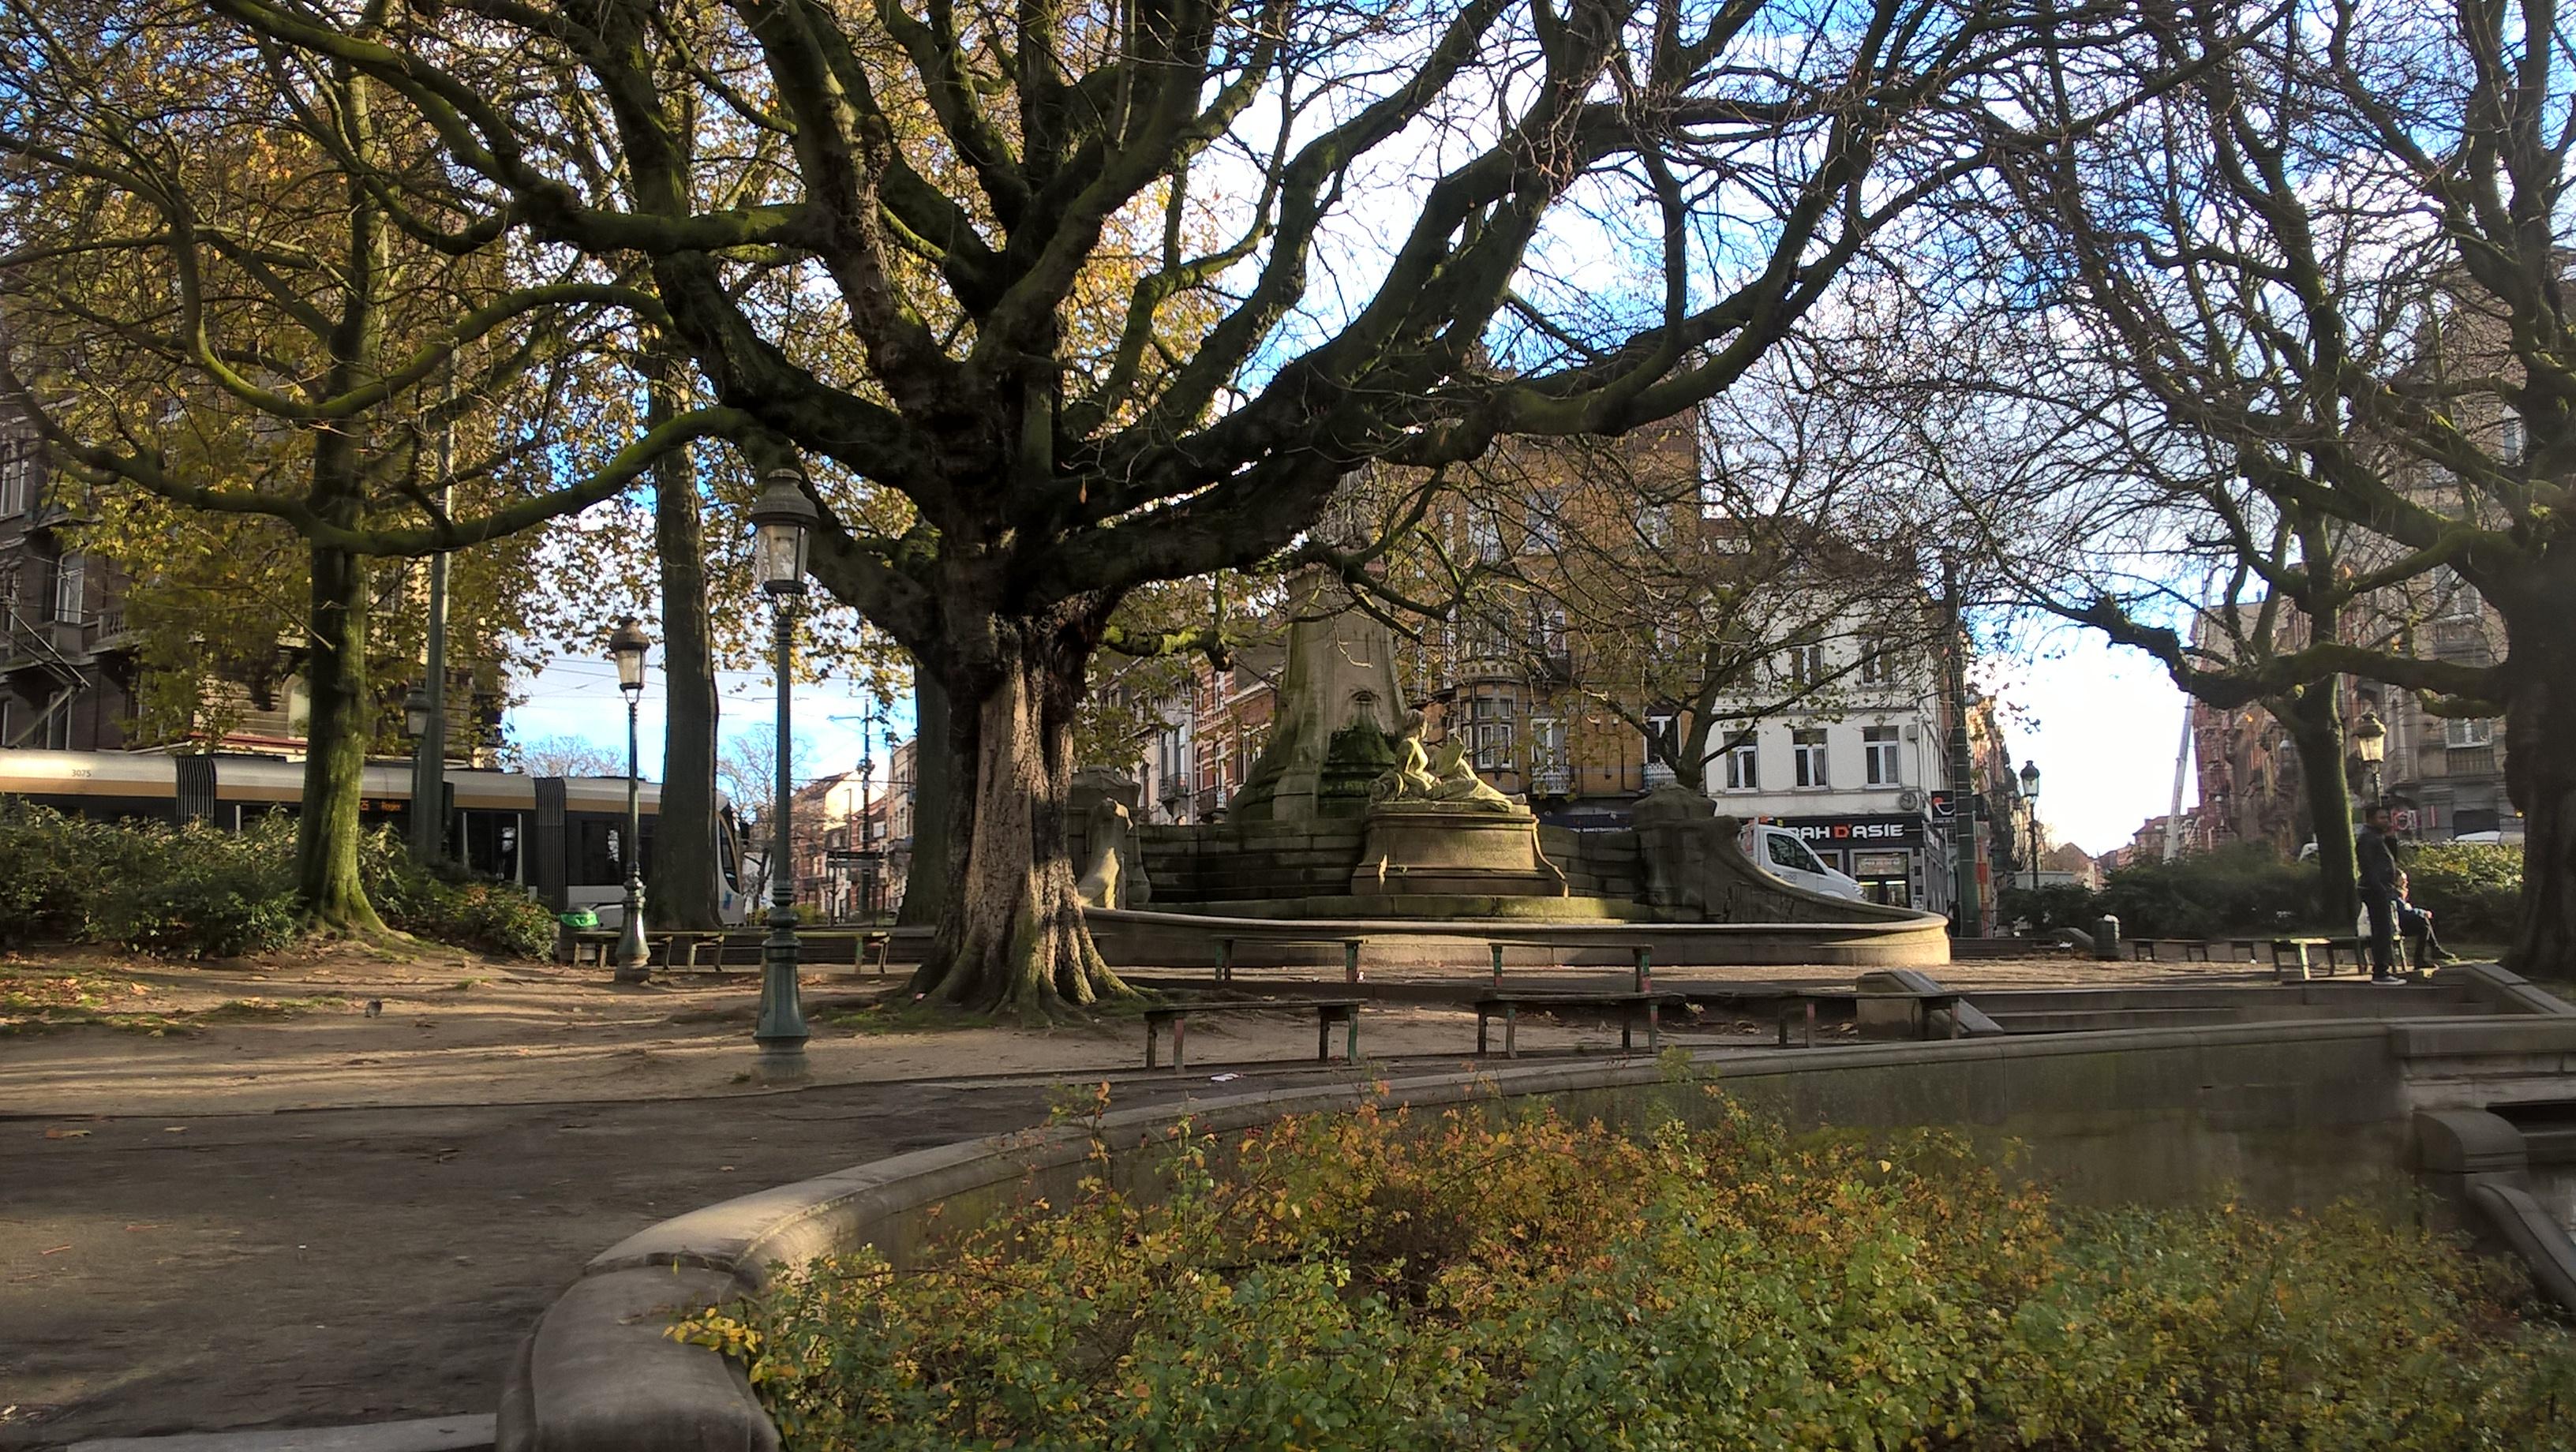 Marronnier commun – Schaerbeek, Place des Bienfaiteurs, Place des Bienfaiteurs –  28 Novembre 2017